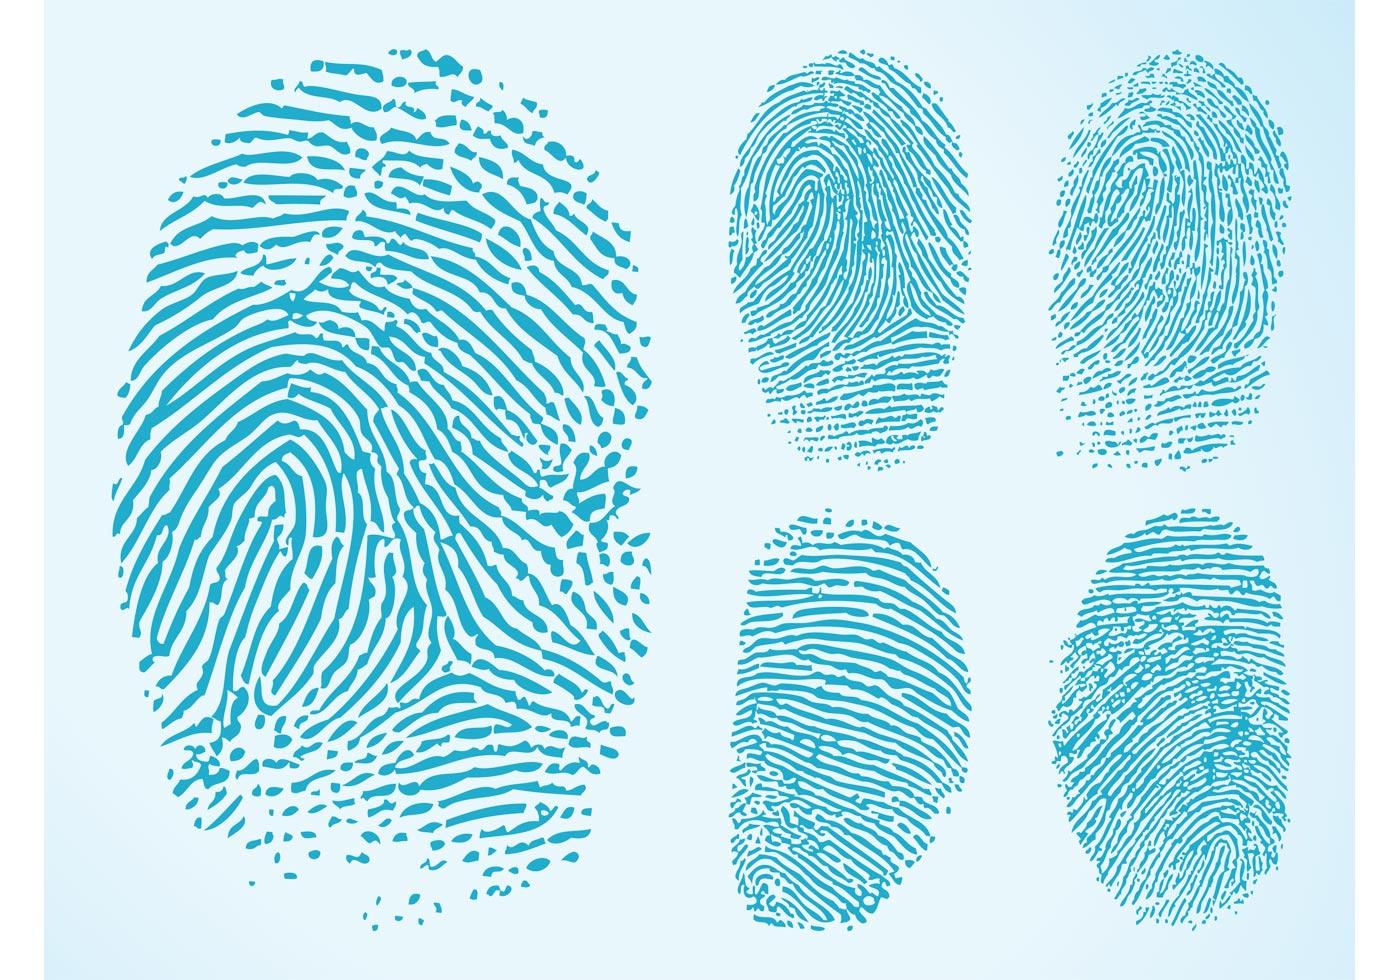 Fingerprint Free Vector Art